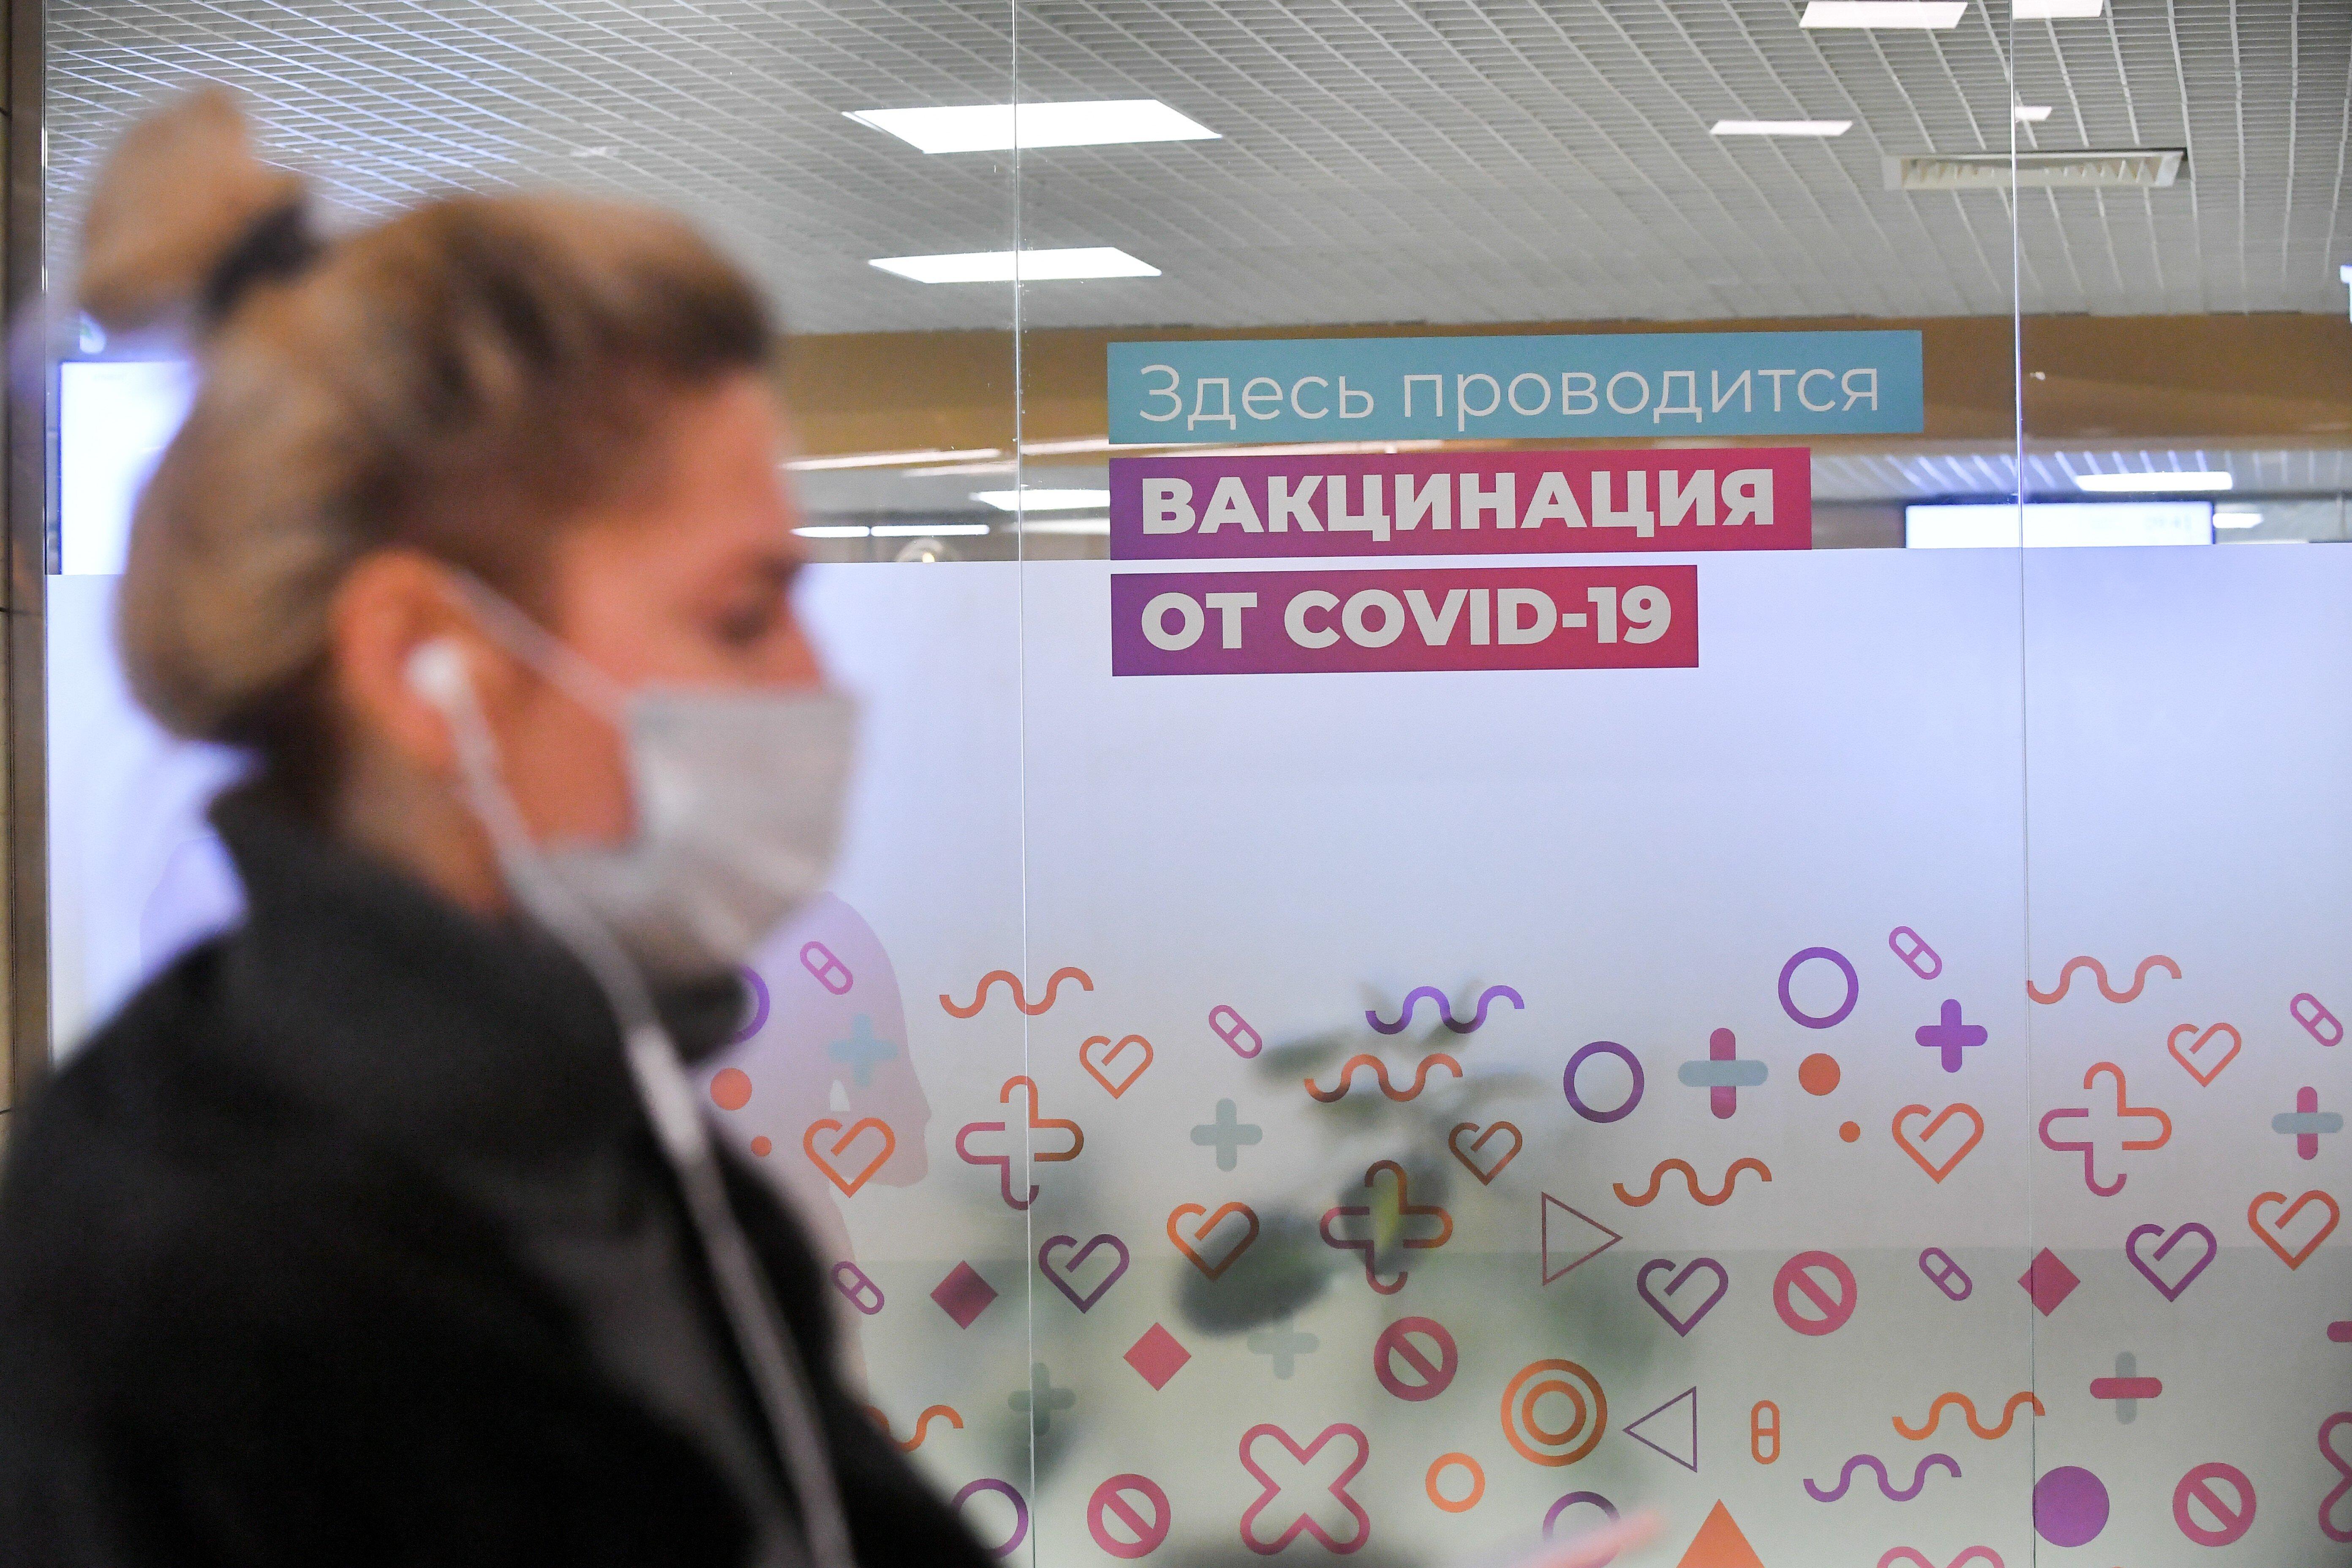 Власти Москвы раскрыли, сколько людей должны вакцинироваться от ковида для формирования коллективного иммунитета